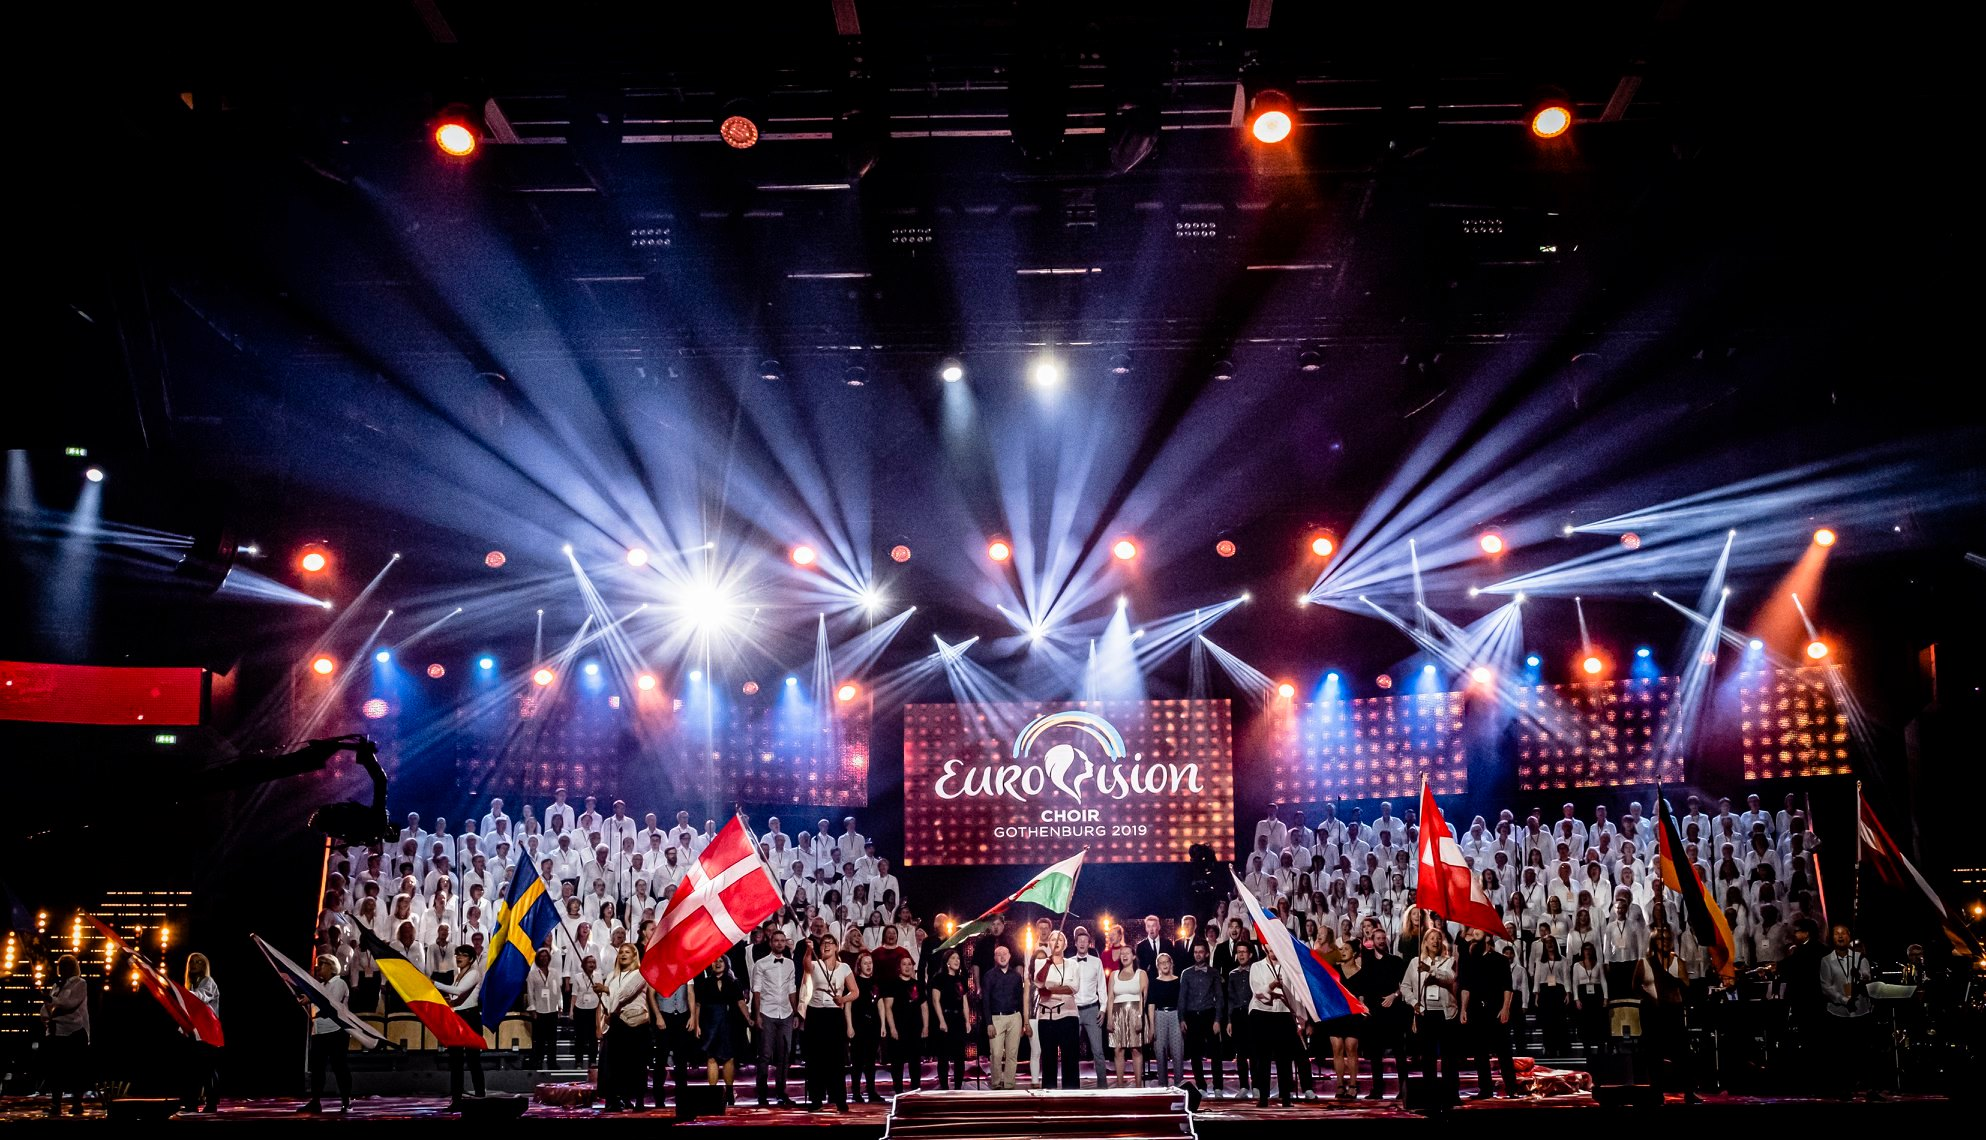 Tonight: Eurovision Choir 2019 - Eurovoix